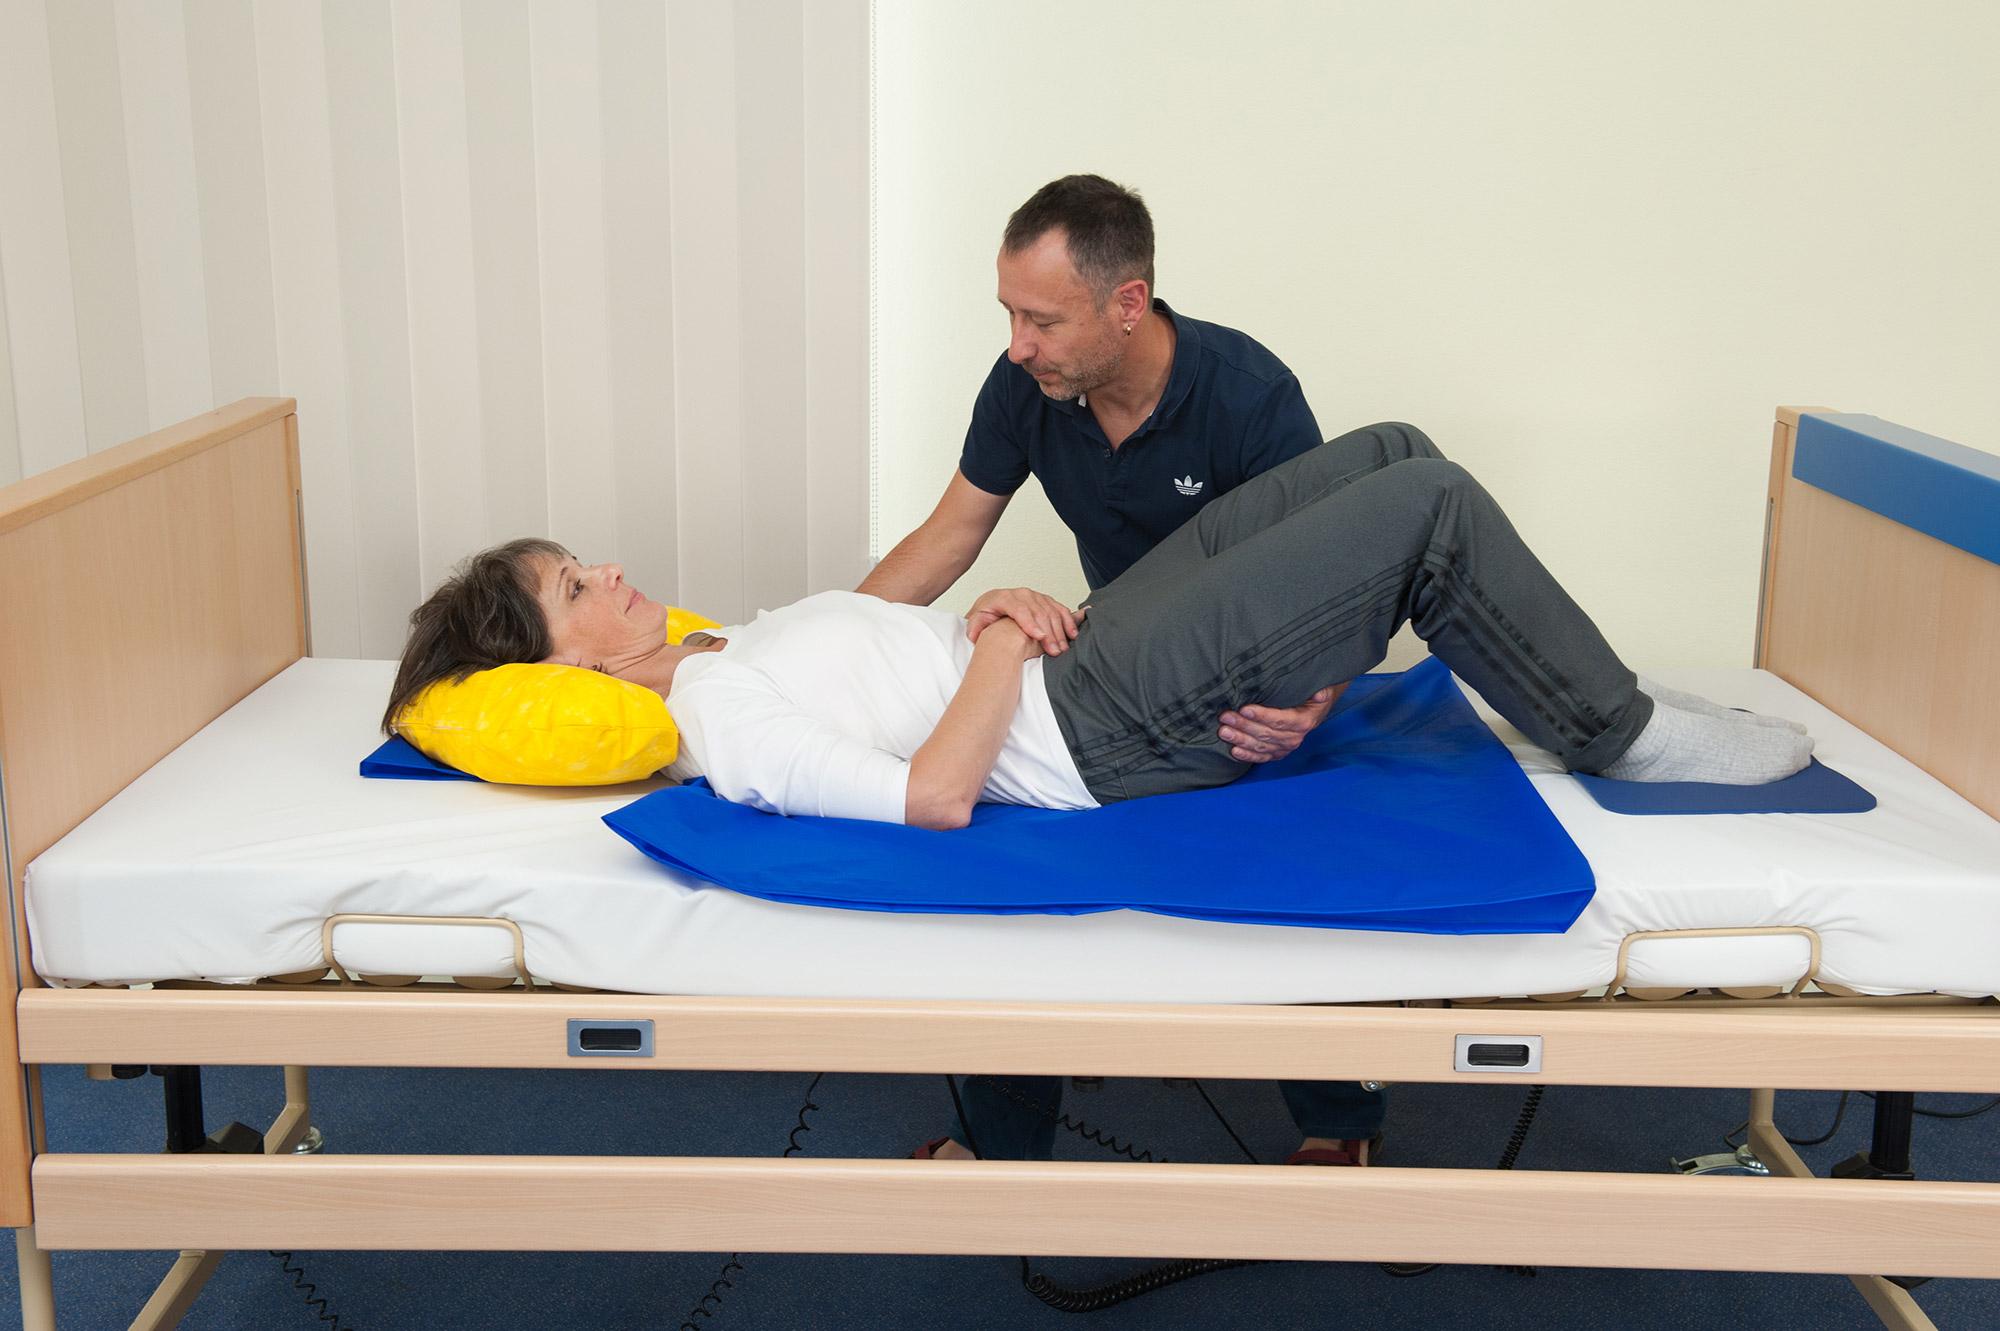 Patienten-Transfer mit einer Tunnelgleithilfe: Centre® Lagerungshilfen